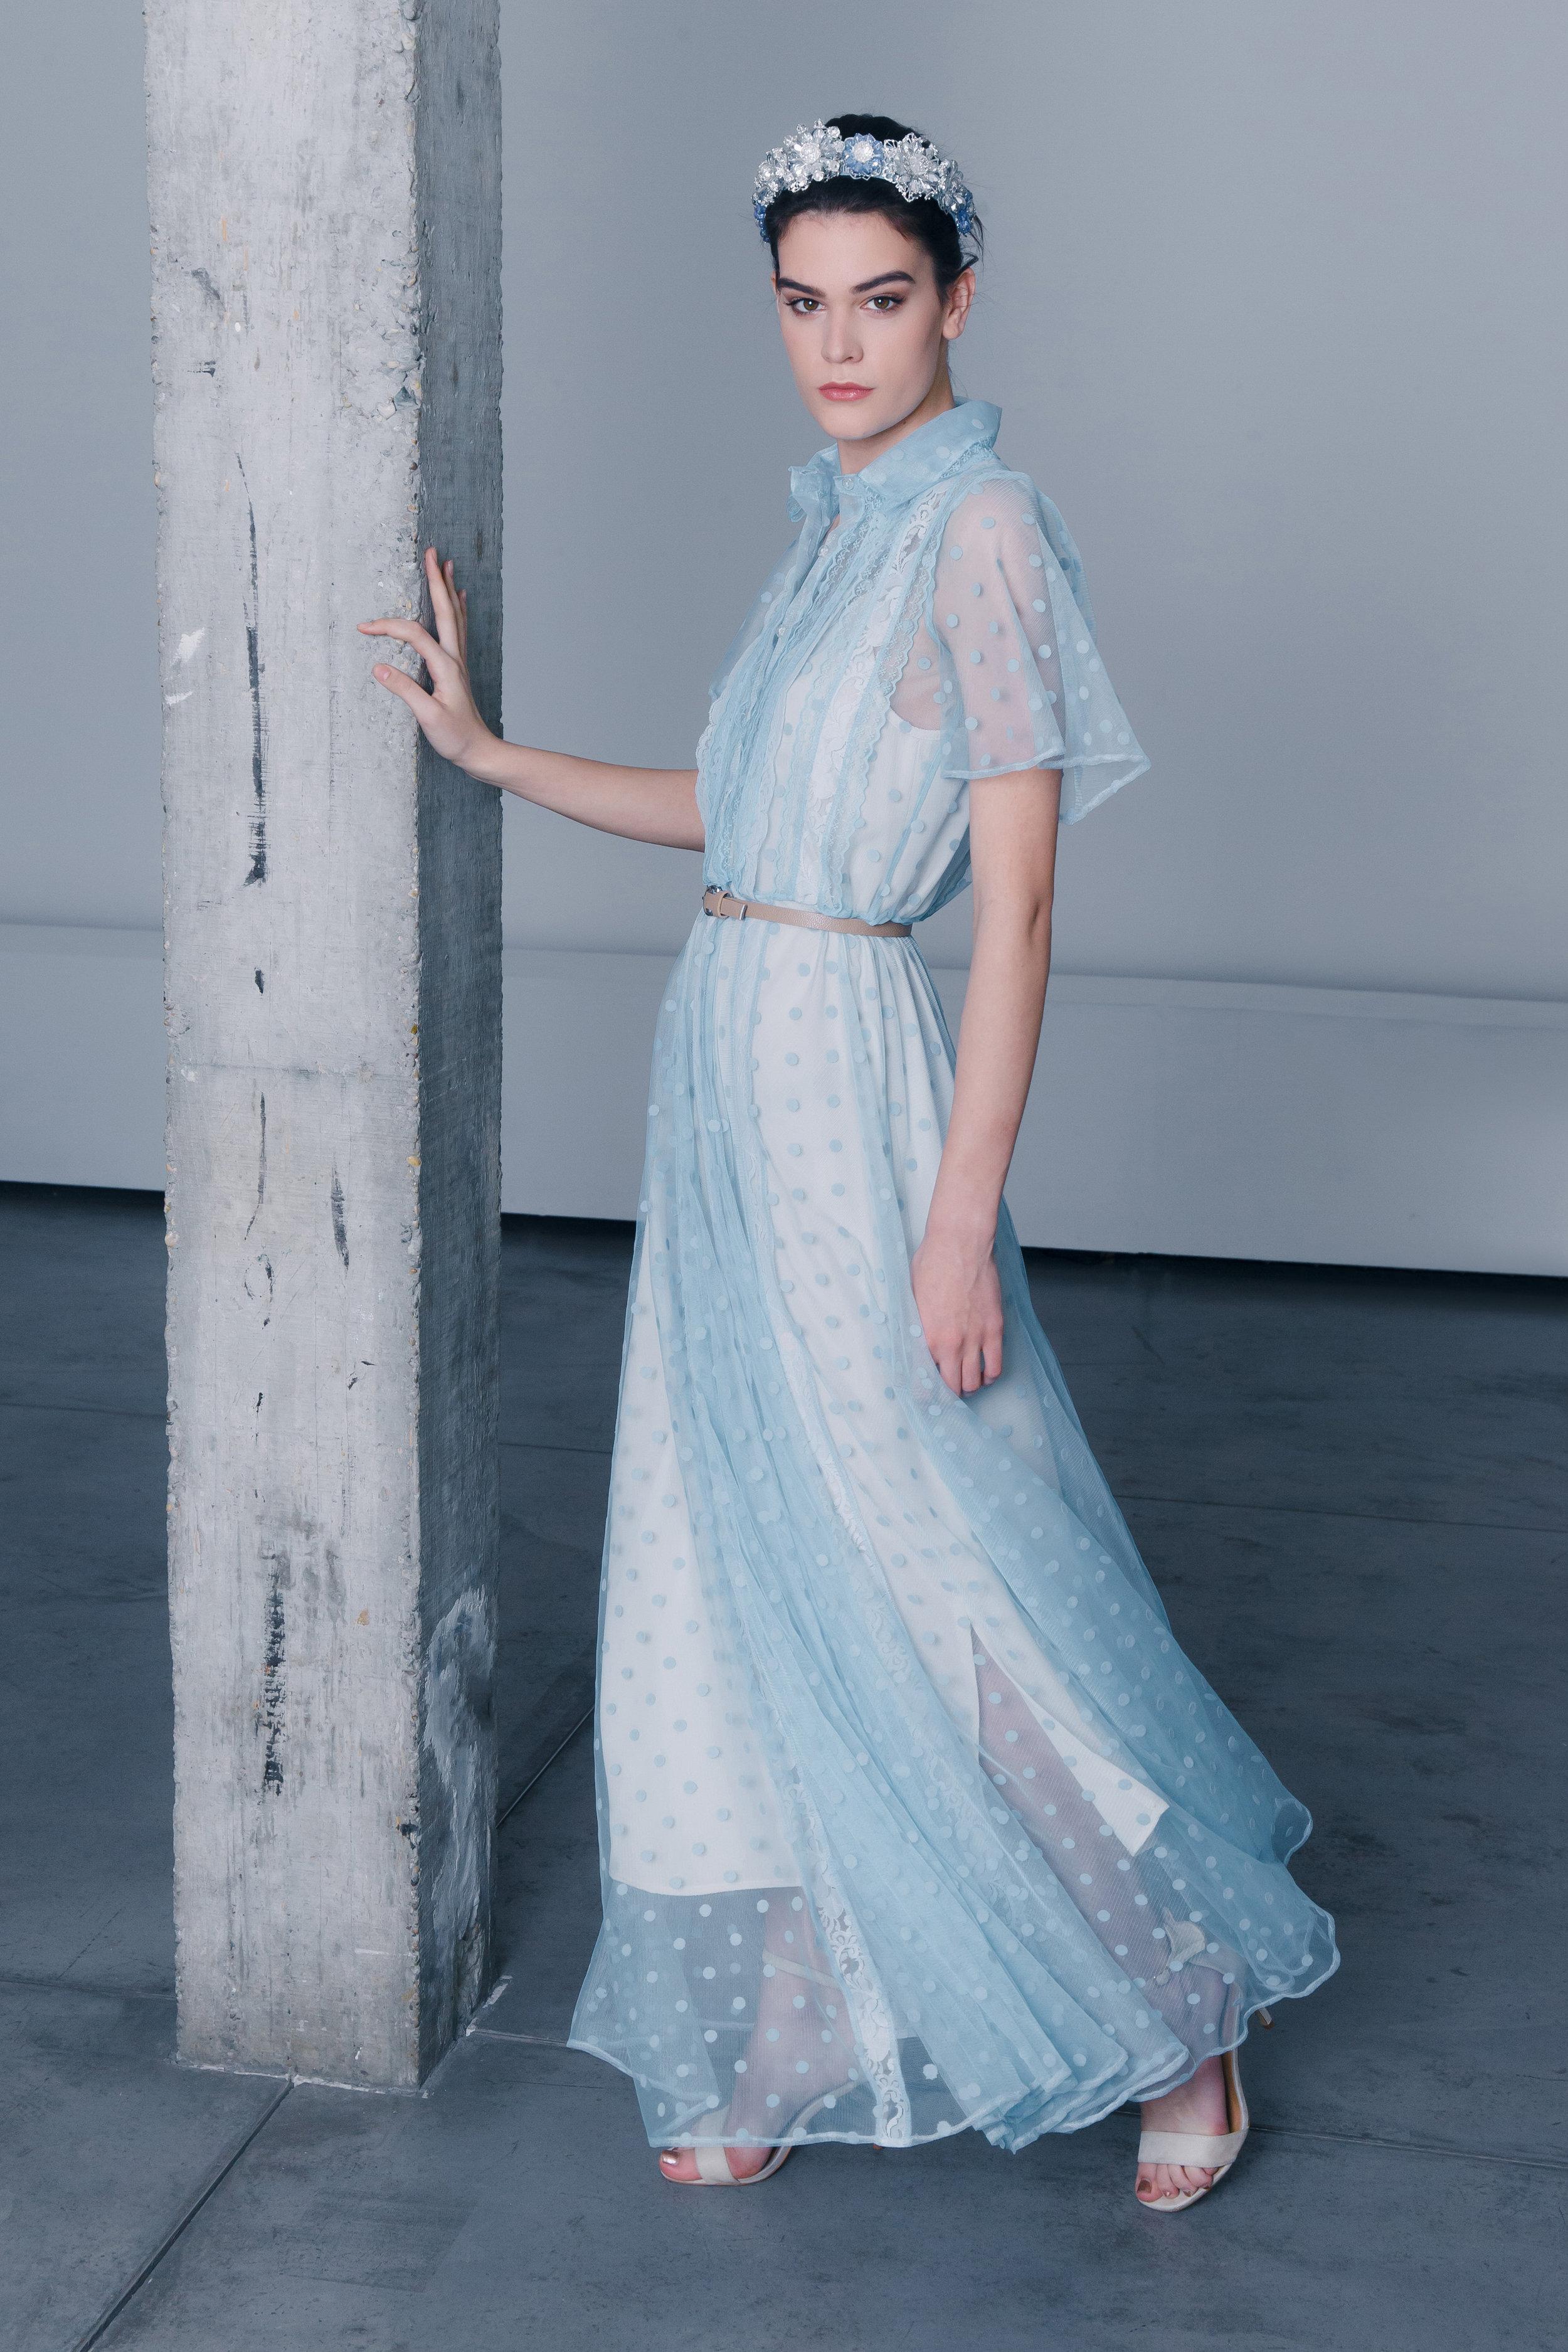 robert-severbipa-fashion-3.jpg